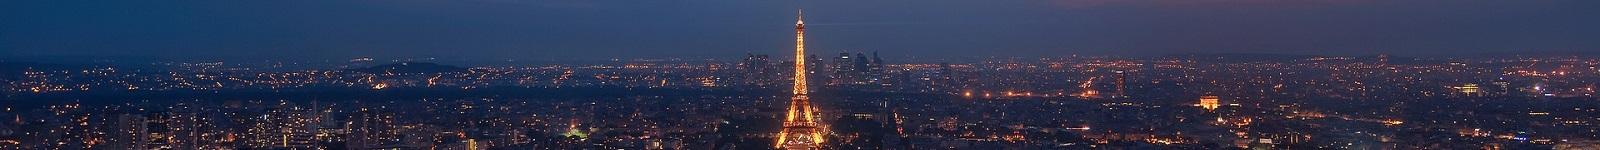 paris-1254781_1920